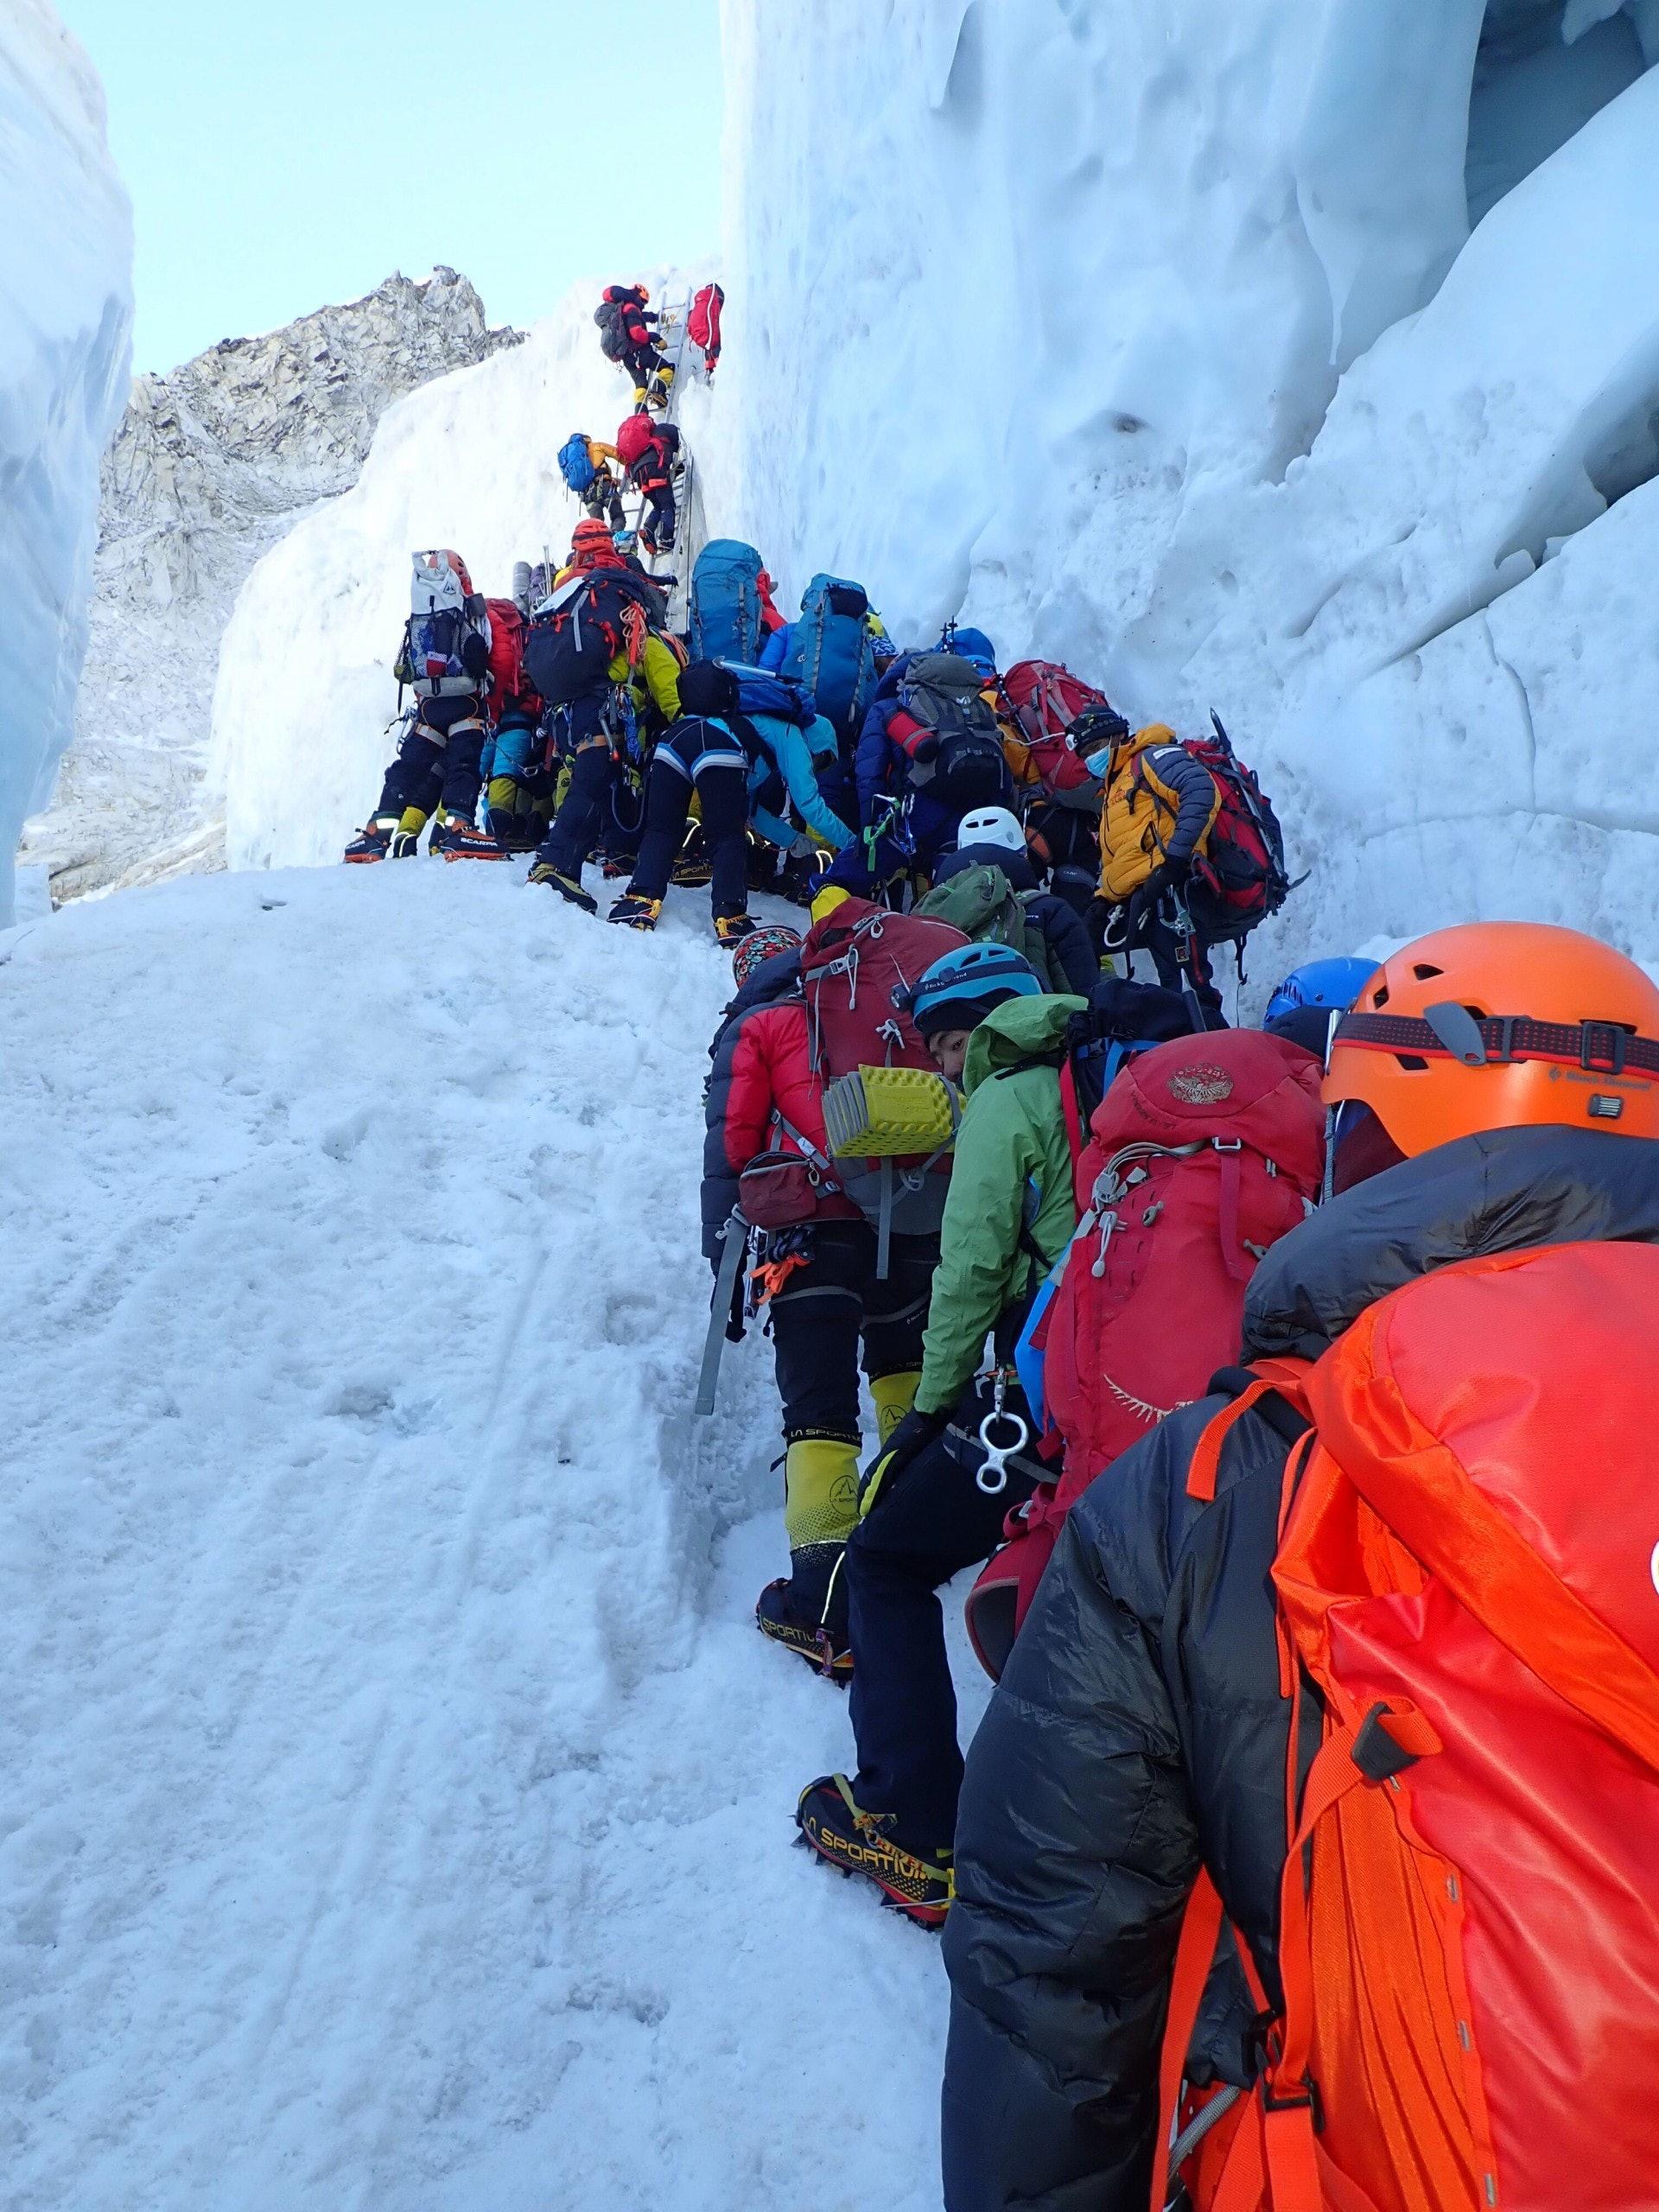 在通往海拔6,000米營地的路上,出現長長人龍,黃偉建花了一小時才到達。(受訪者提供)